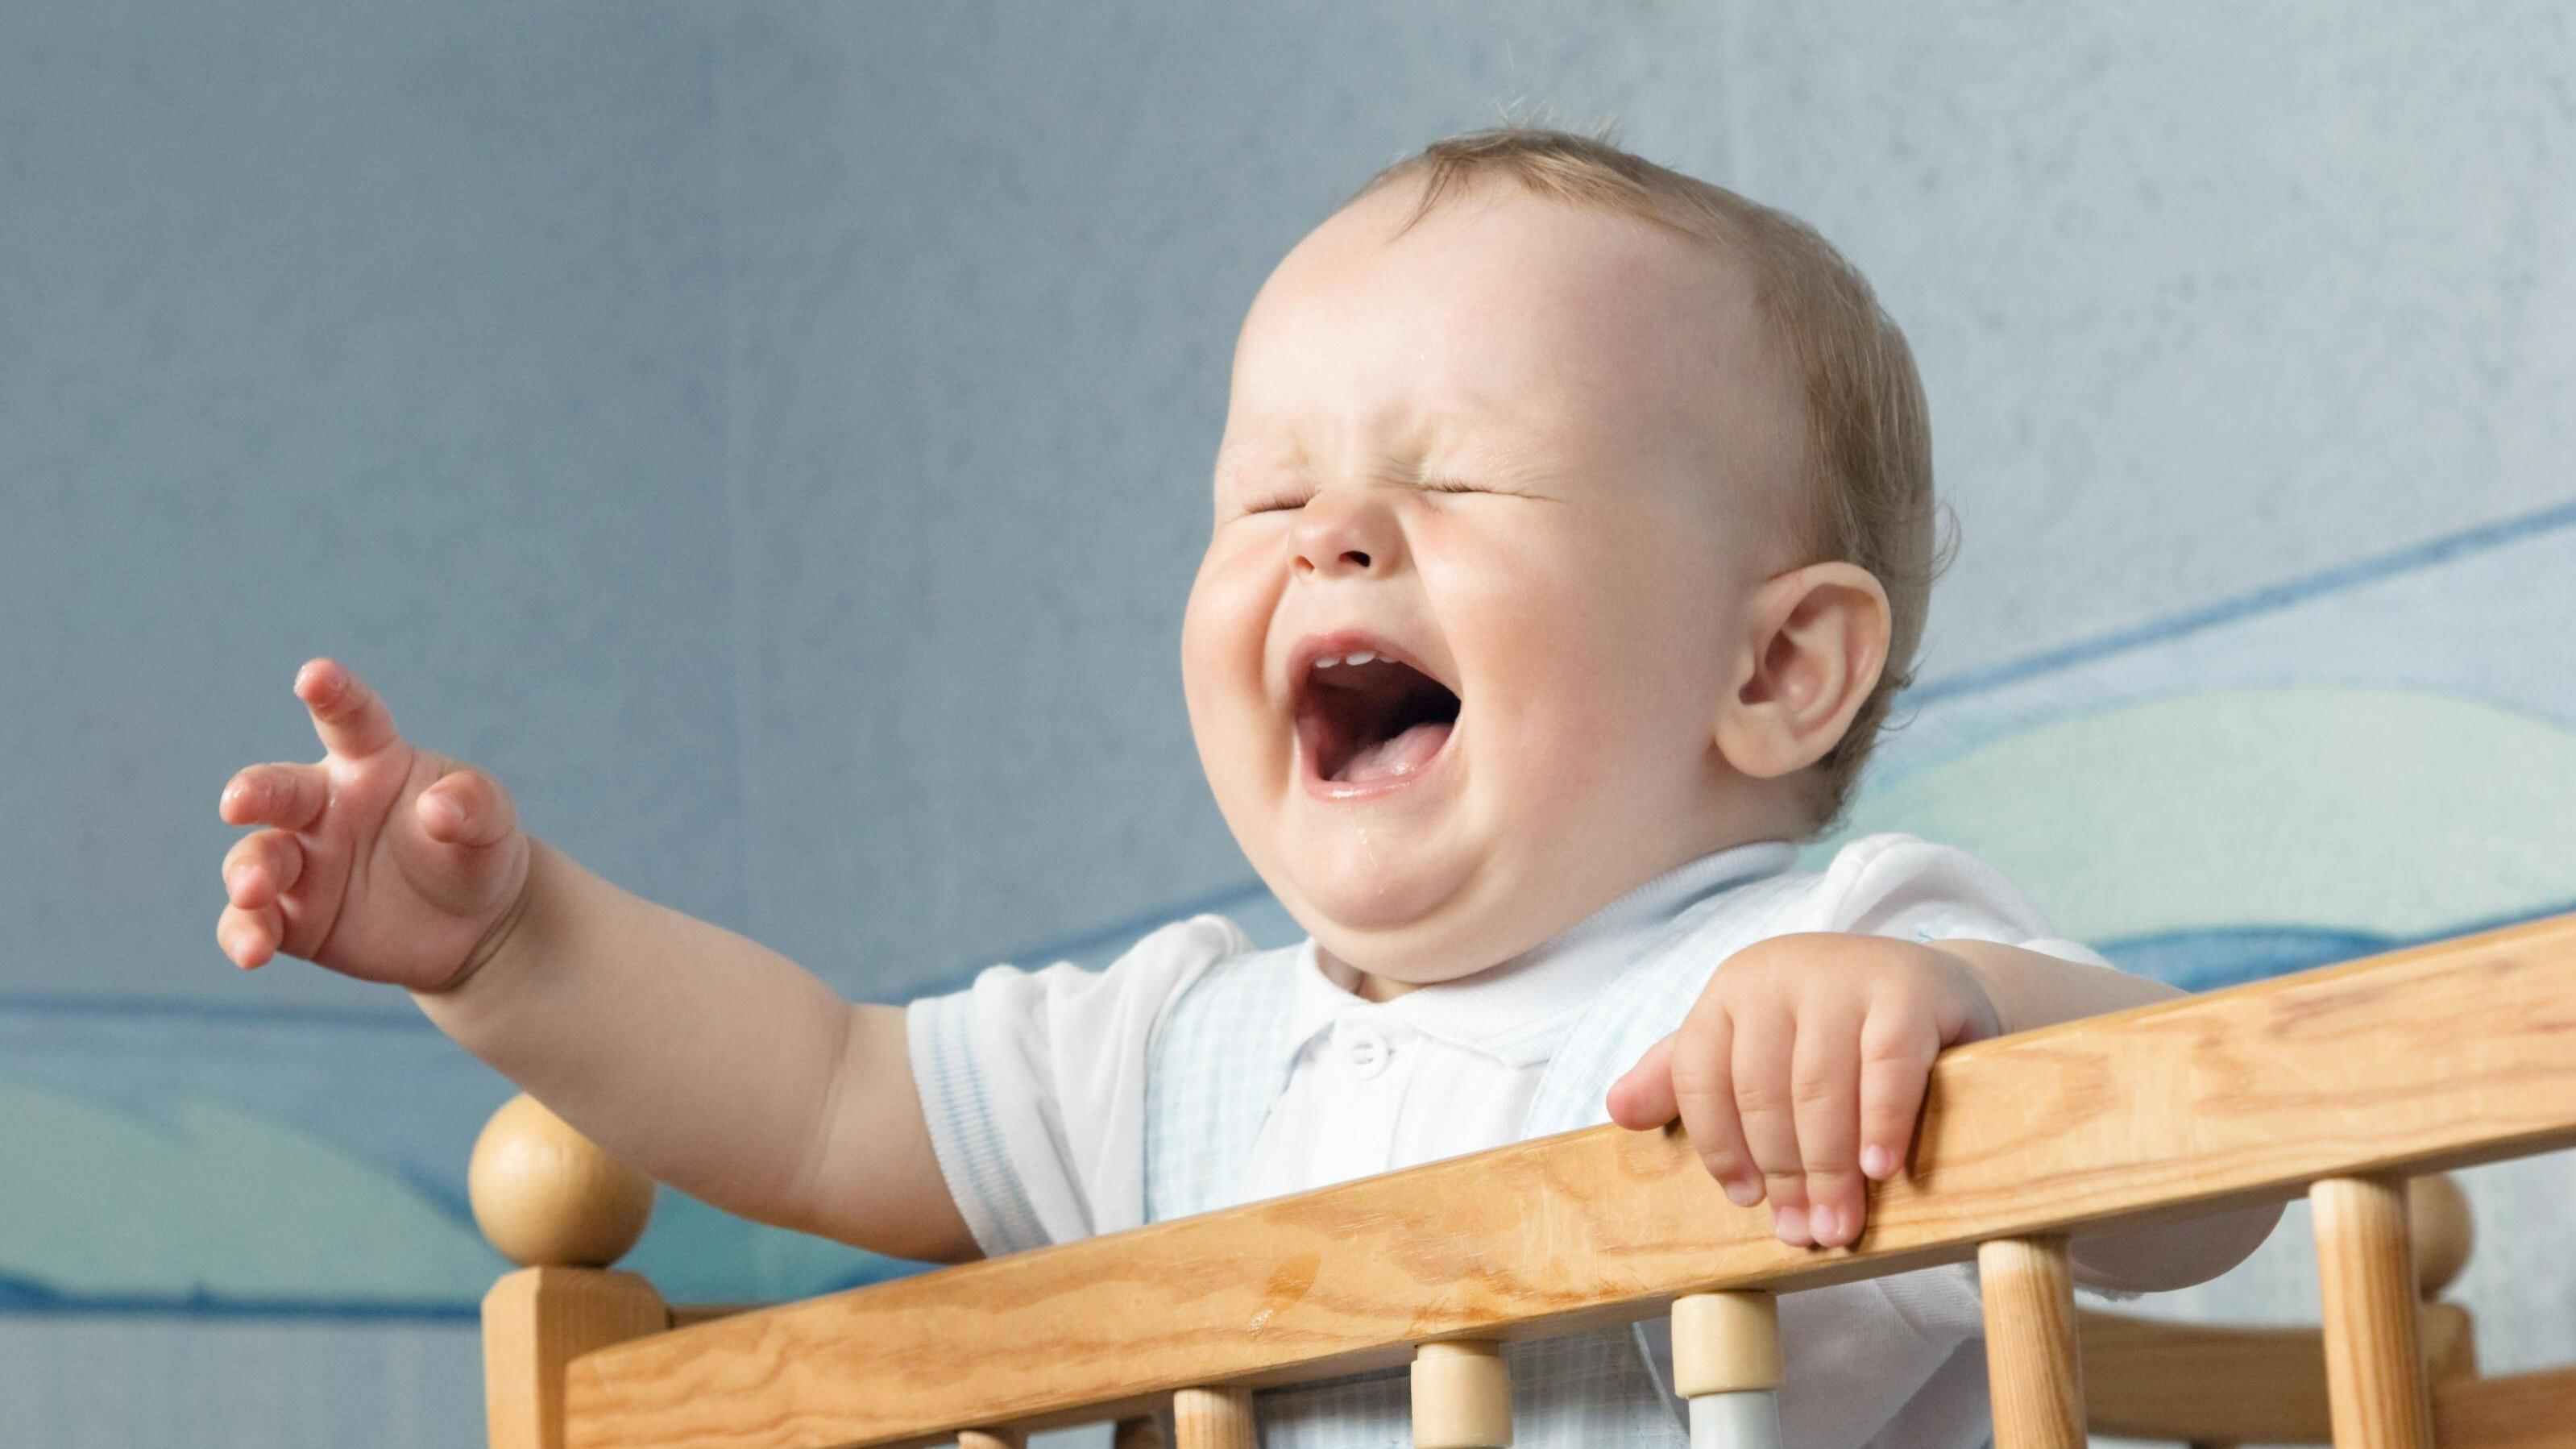 Wenn das Kind keinen Mittagsschlaf machen will, geht das oft mit Geschrei einher.